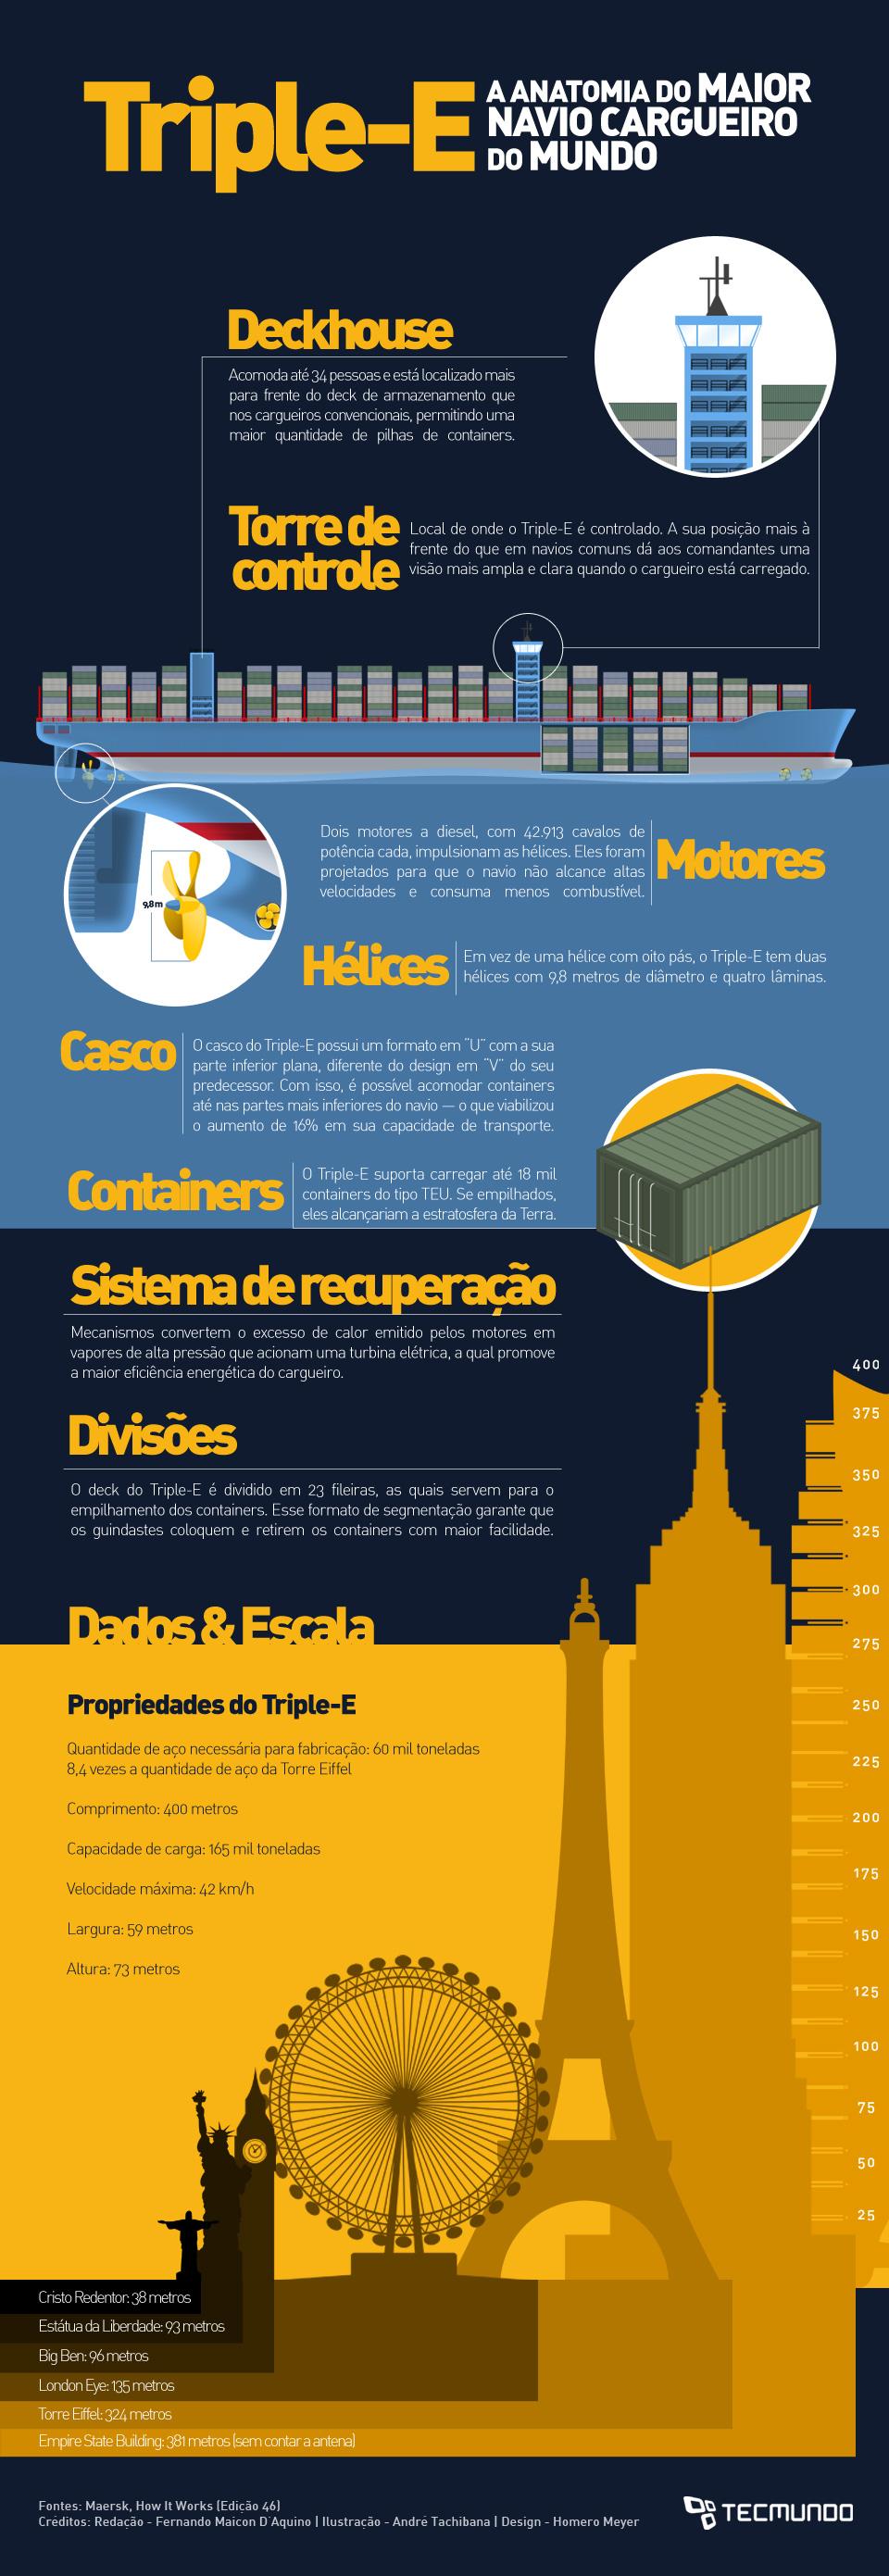 Triple-E: a anatomia do maior navio cargueiro do mundo [infográfico]